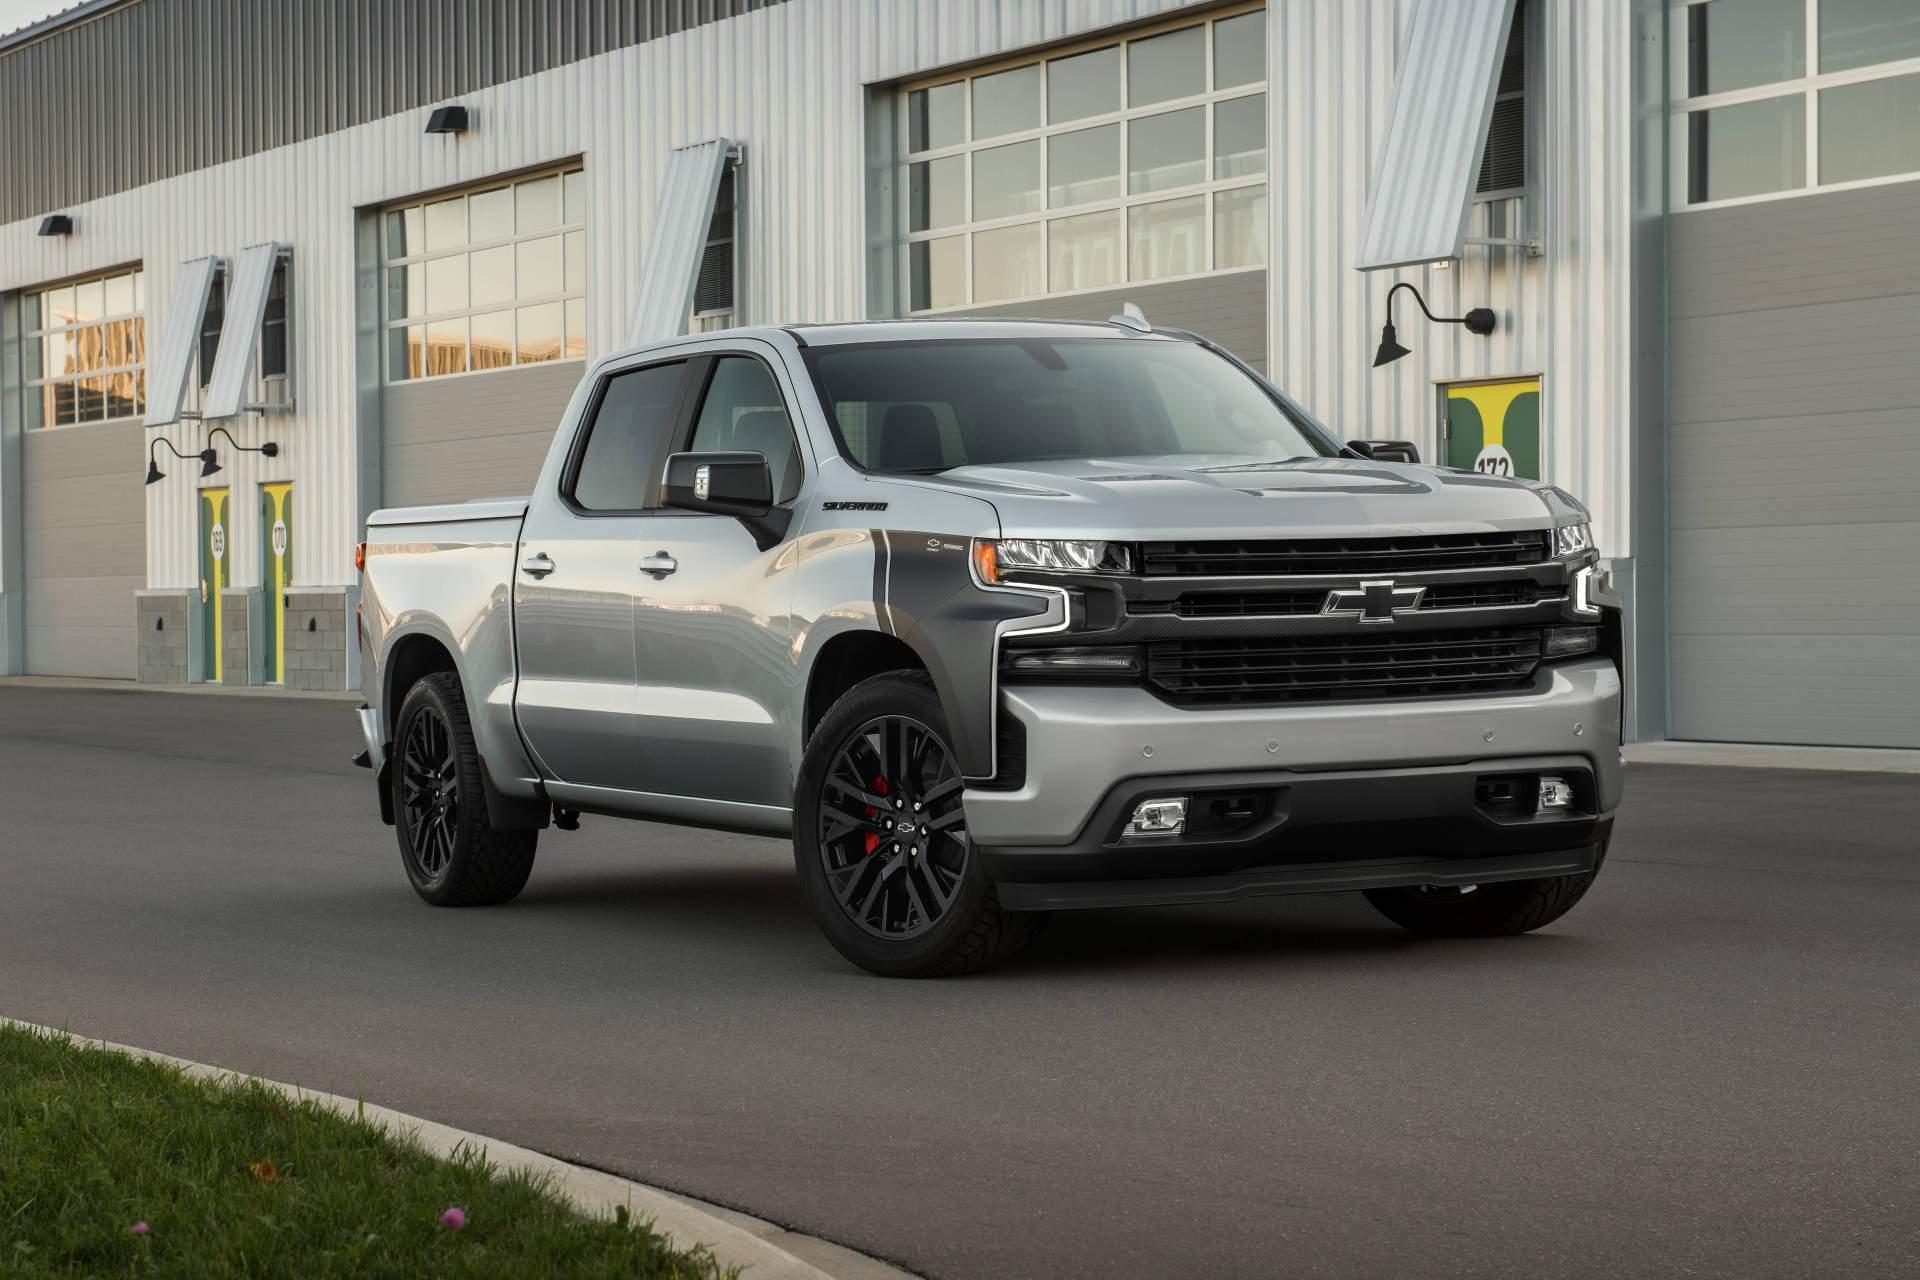 Chevrolet Silverado Concepts 2019 (2)